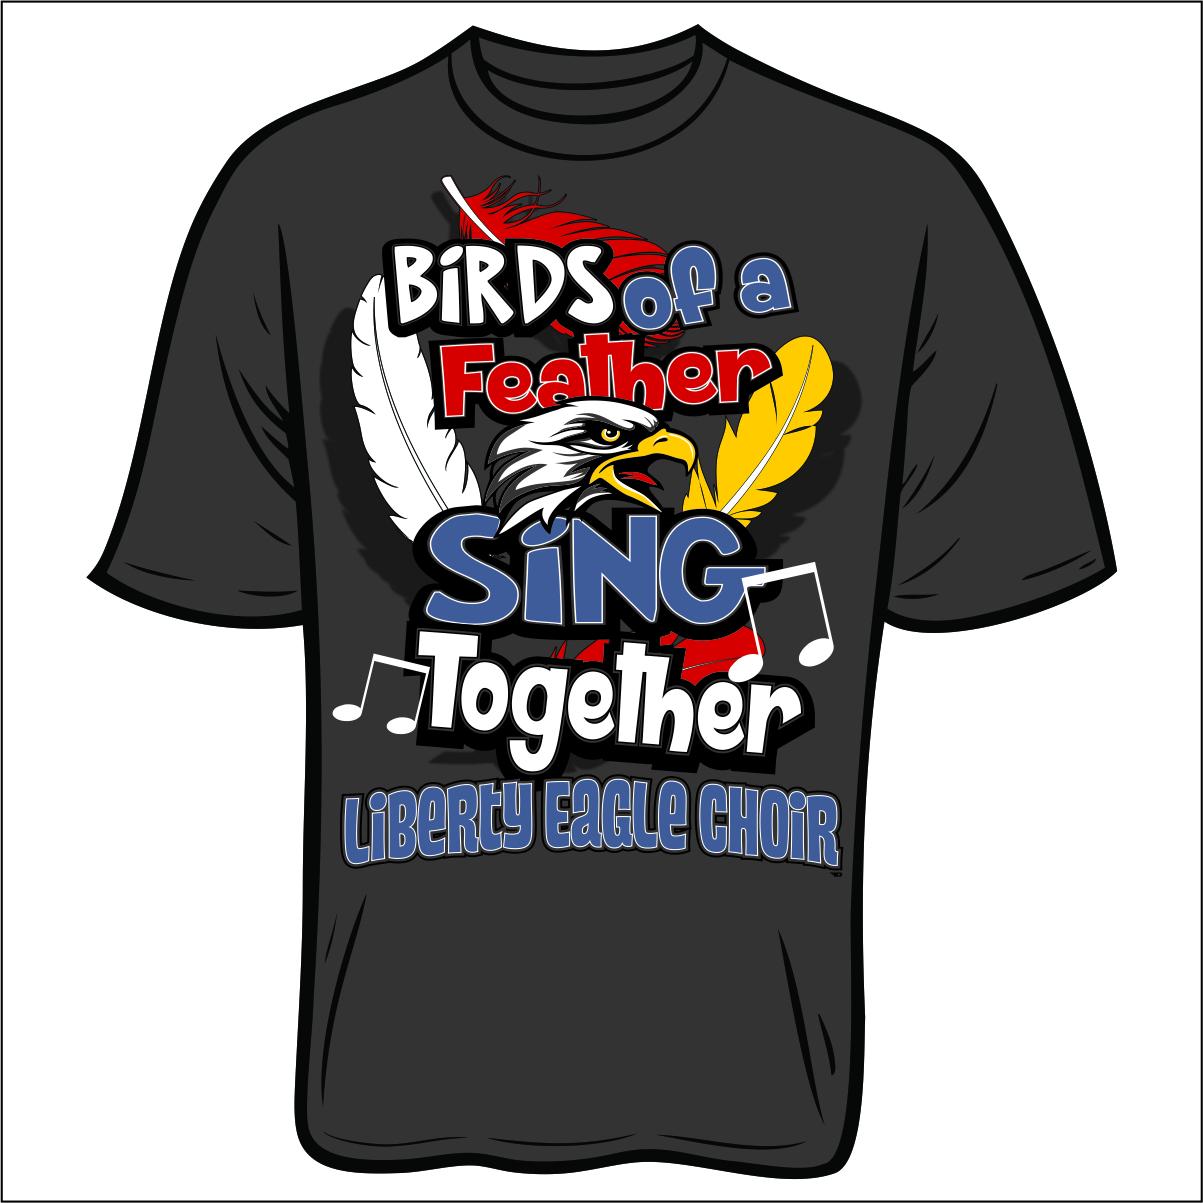 choir shirt